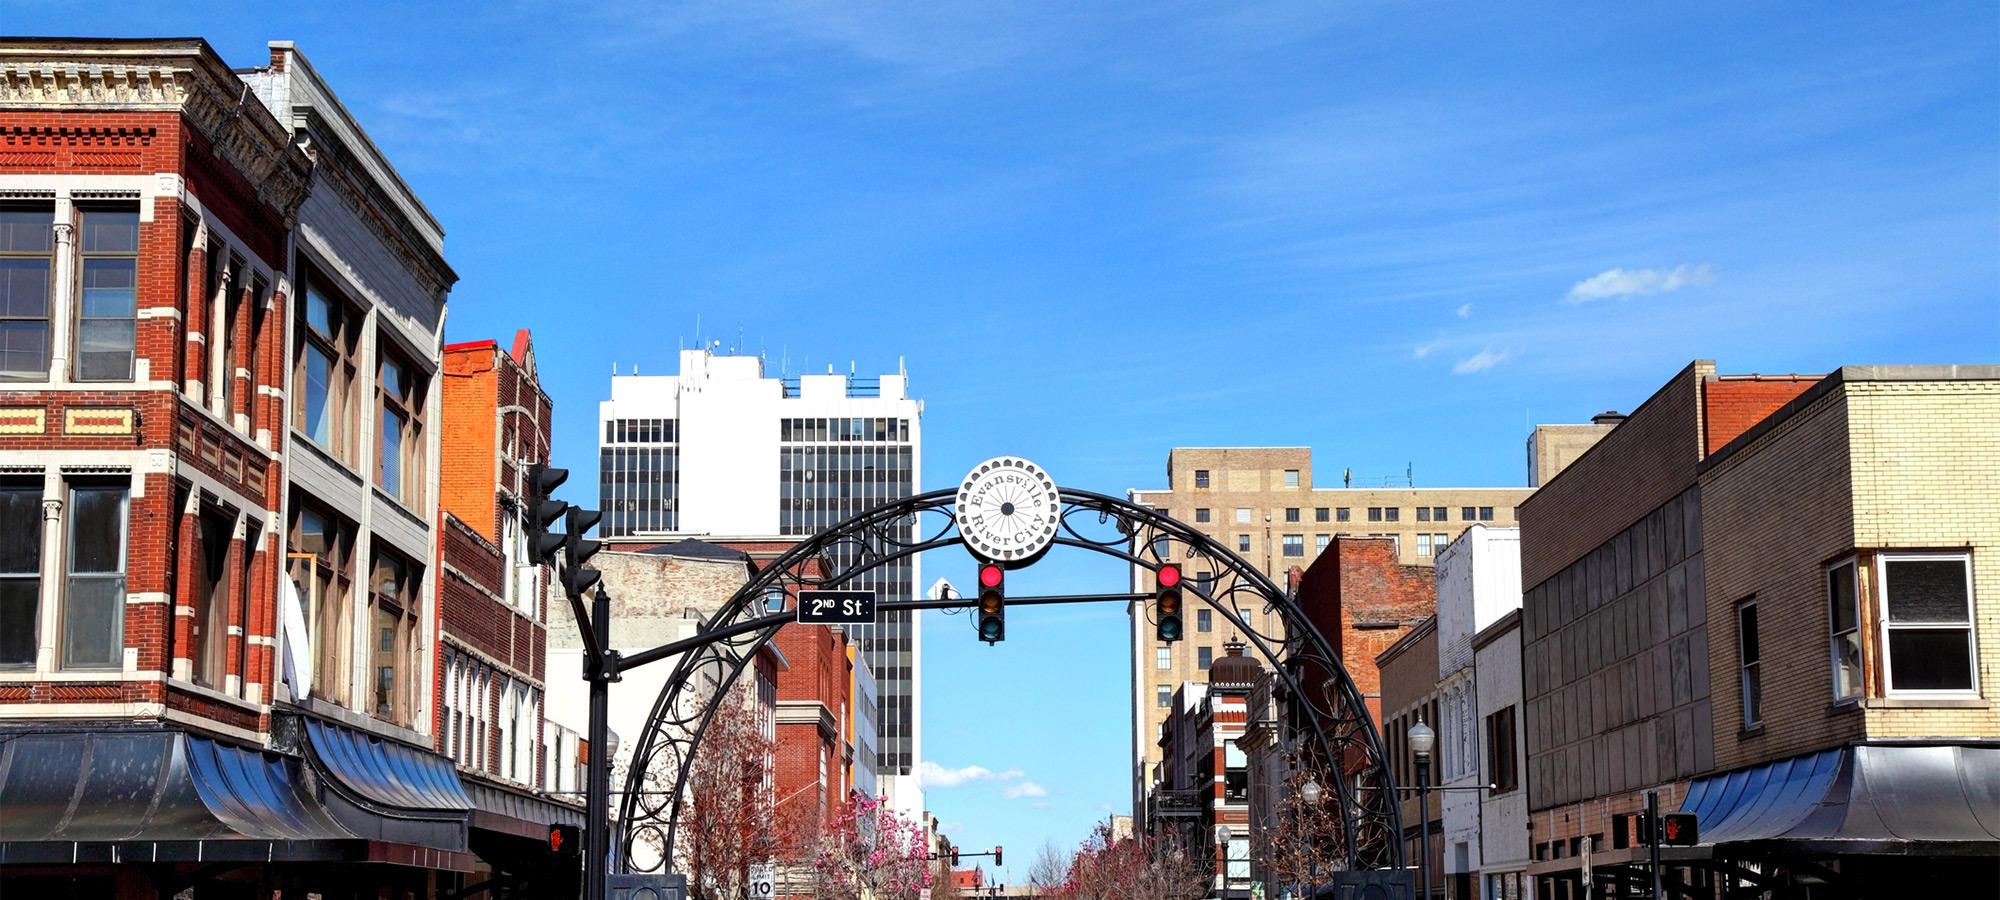 Evansville IN skyline